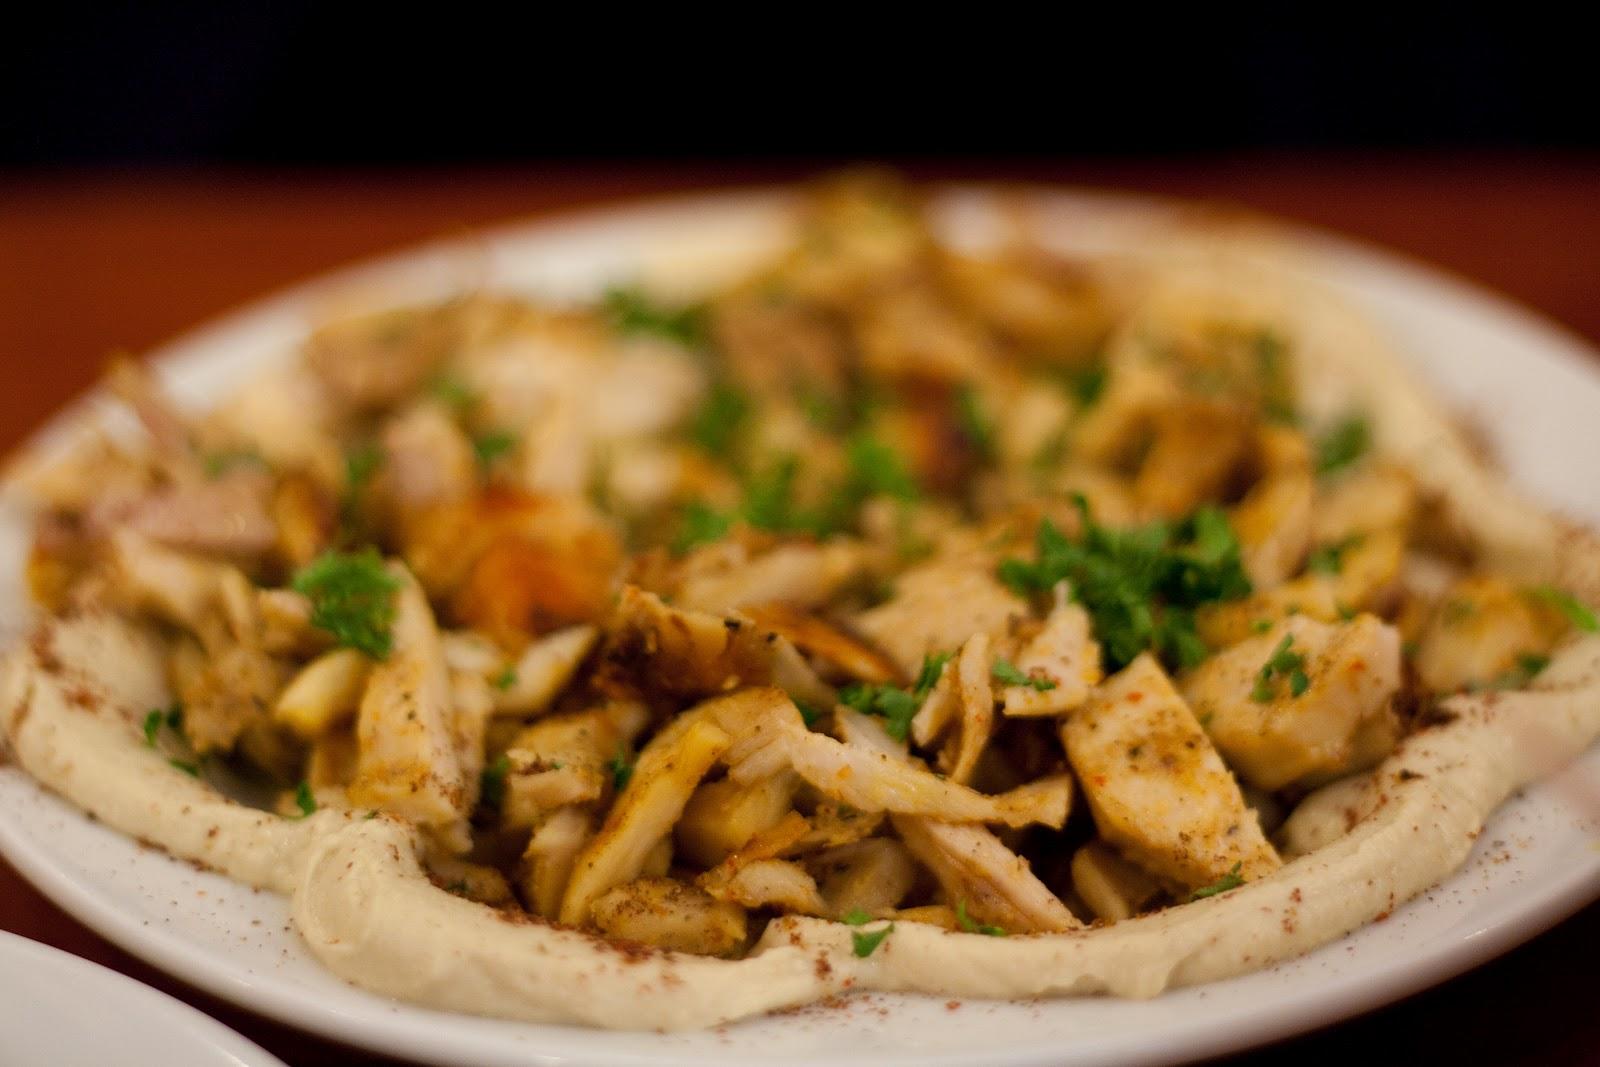 صورة طريقة الشاورما بالصور , سندوتشات شورما الدجاج اللذيذة